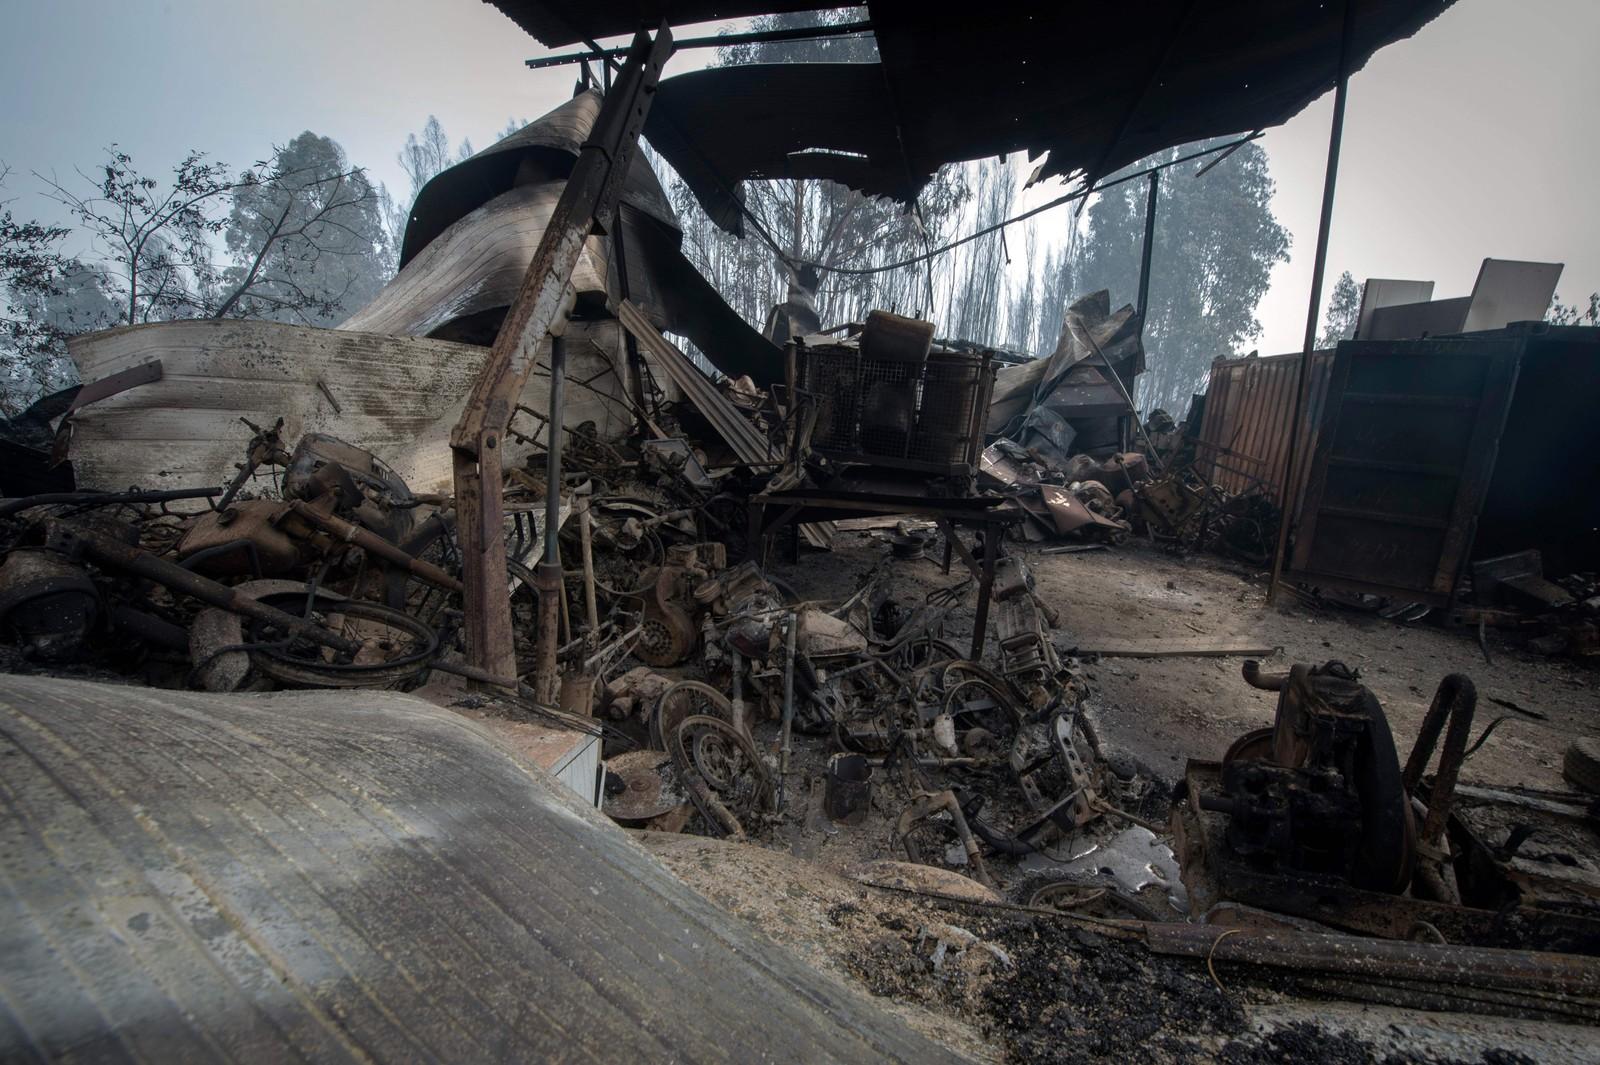 Ruinene av en garasje i Figueiro dos Vinhos. / AFP PHOTO / MIGUEL RIOPA